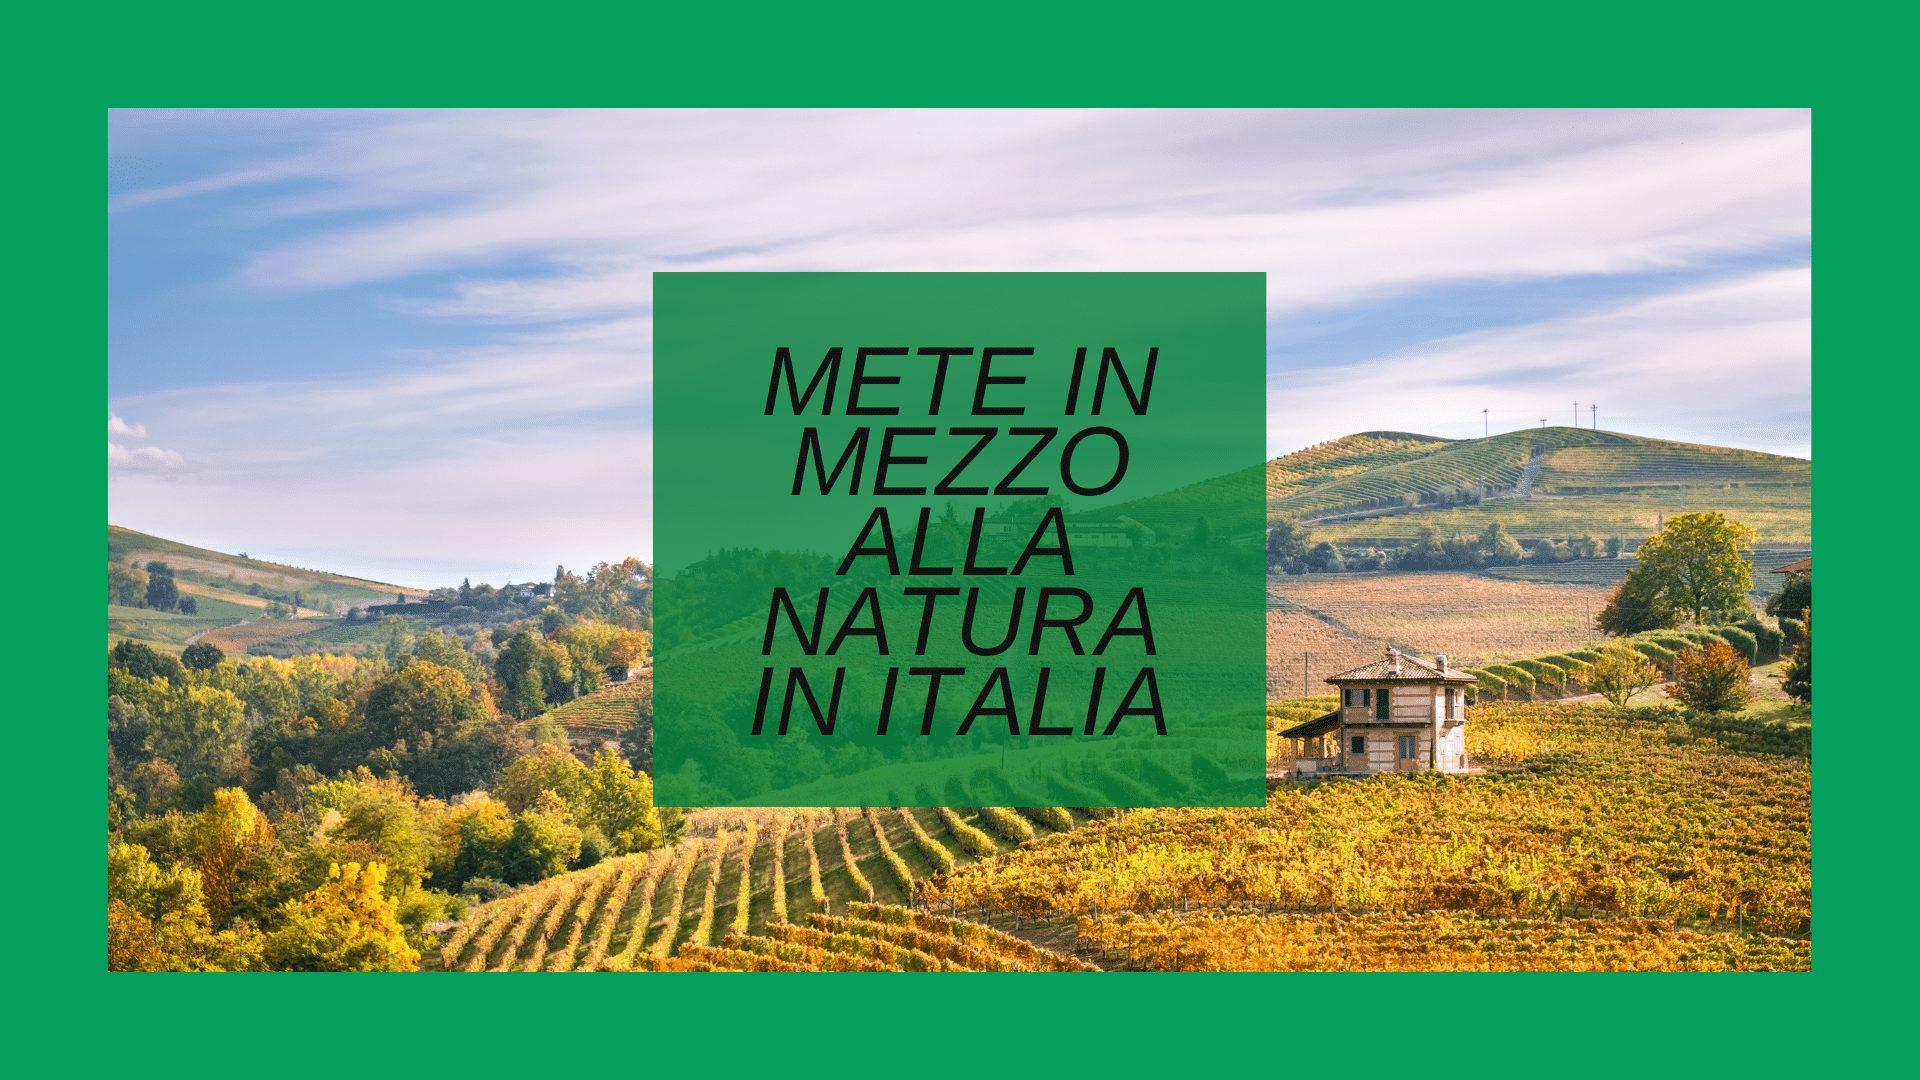 Turismo naturalistico in Italia